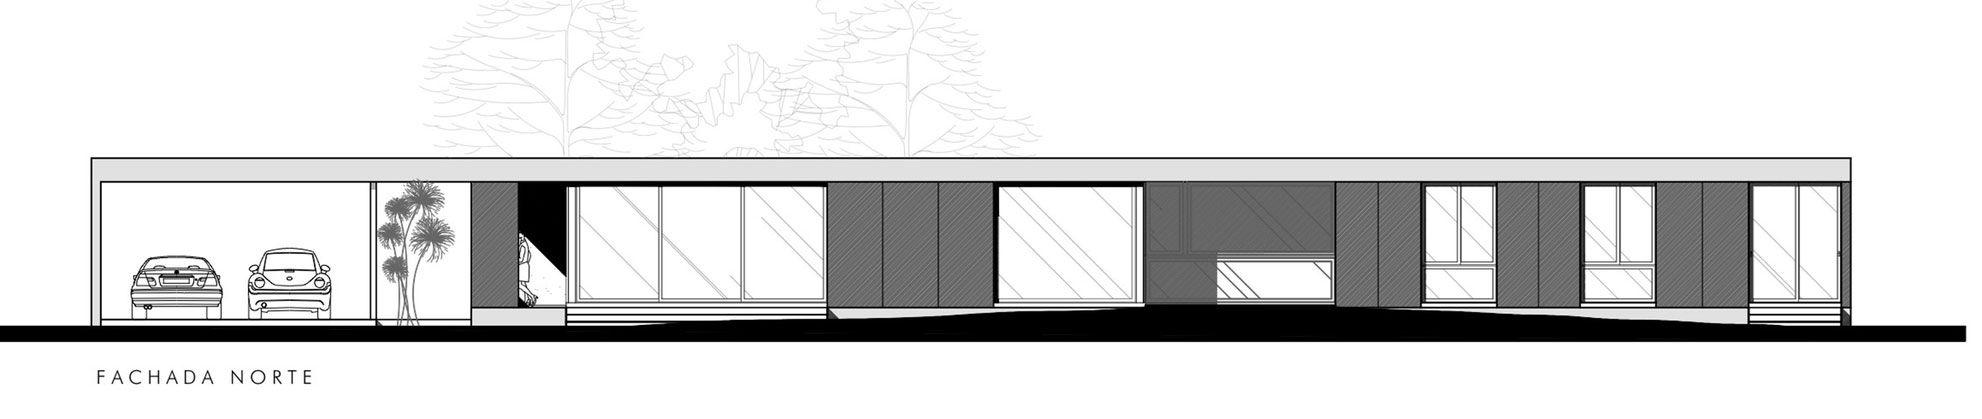 Linear-House-18